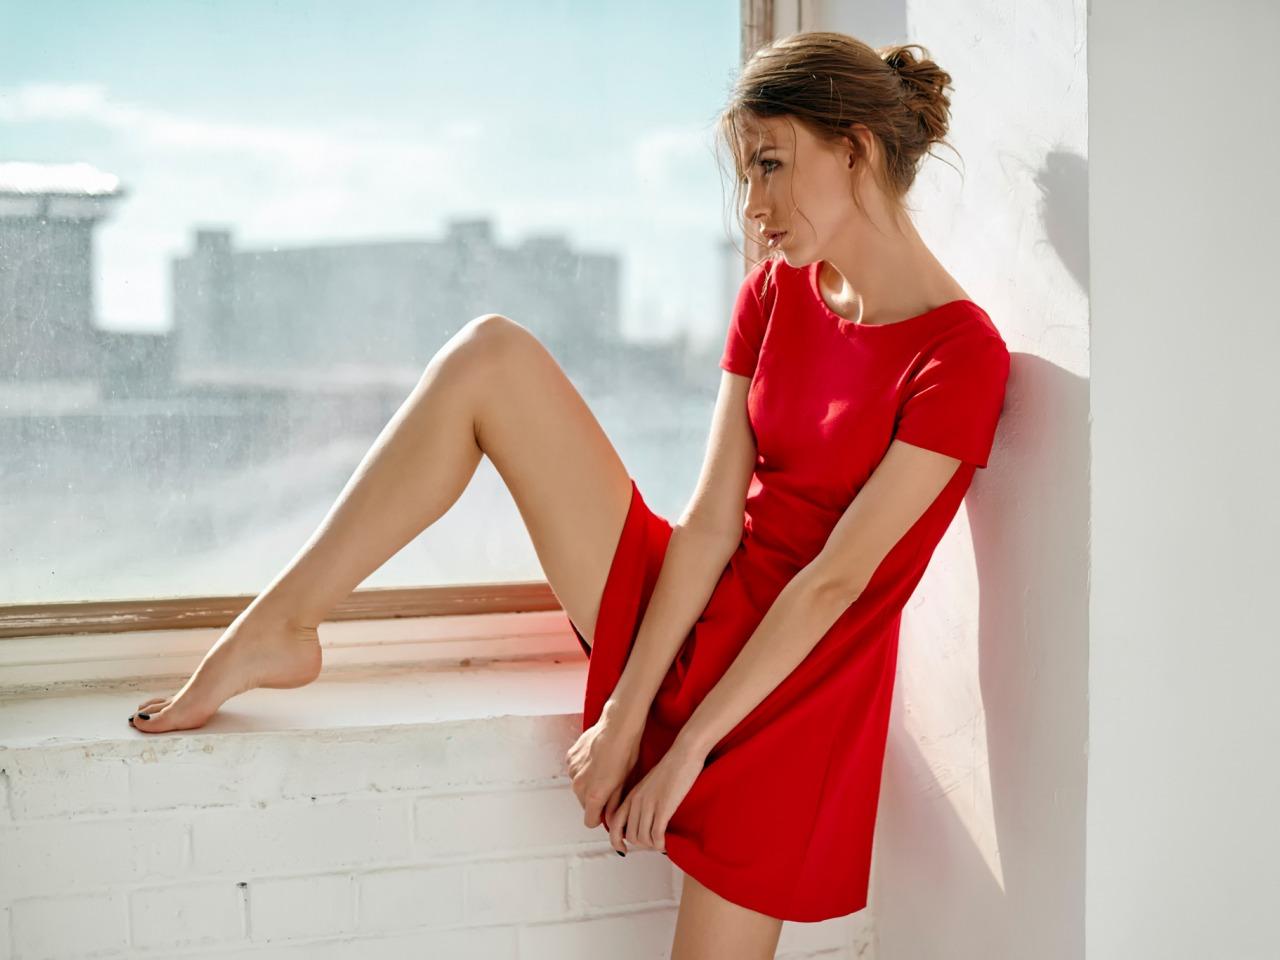 Фото девушки в платье ноги